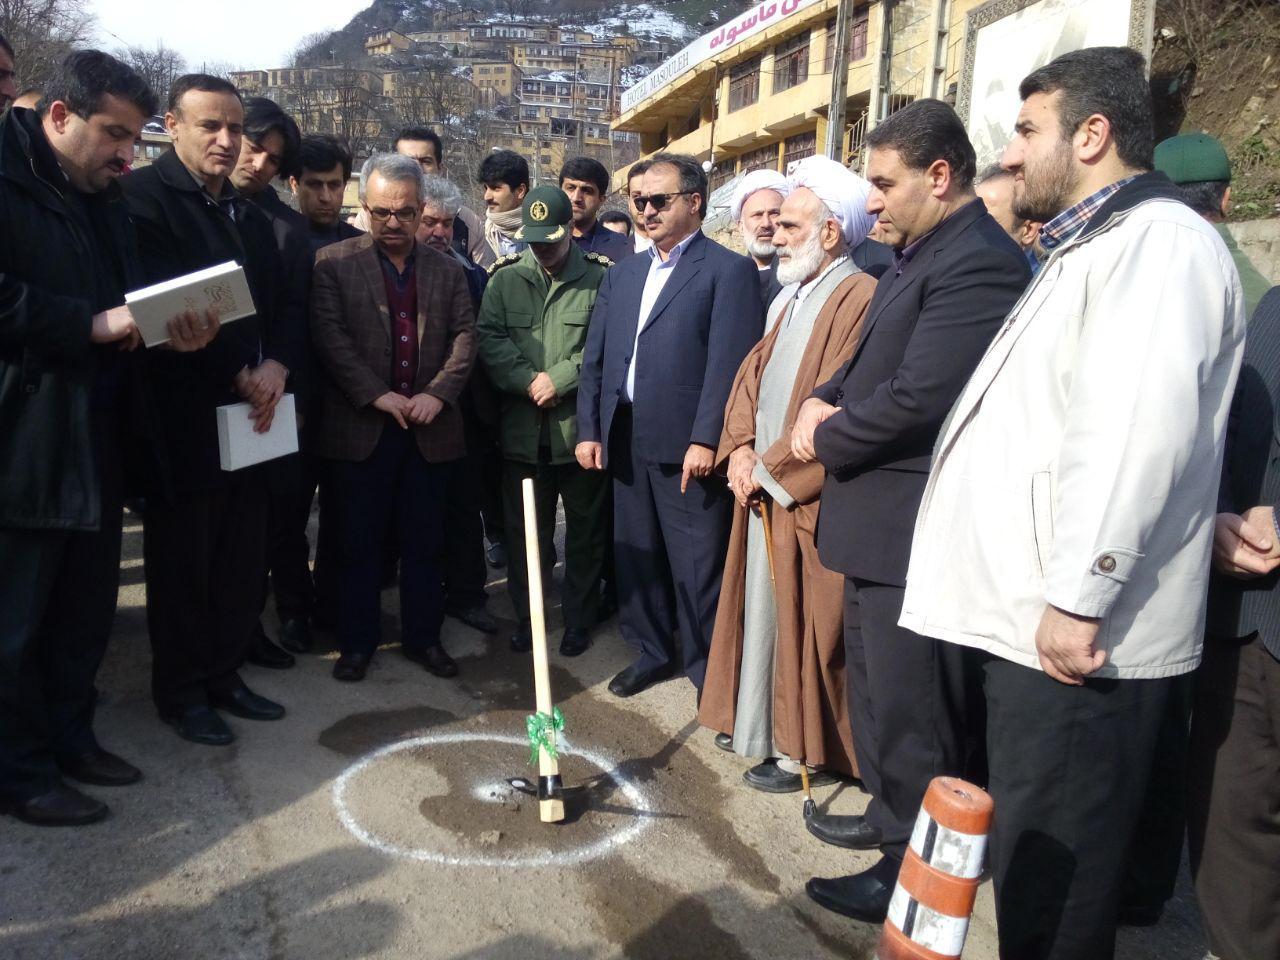 ویژه برنامه سی و نهمین سالگرد پیروزی انقلاب و افتتاح طرحهای گردشگری و فرهنگی در ماسوله